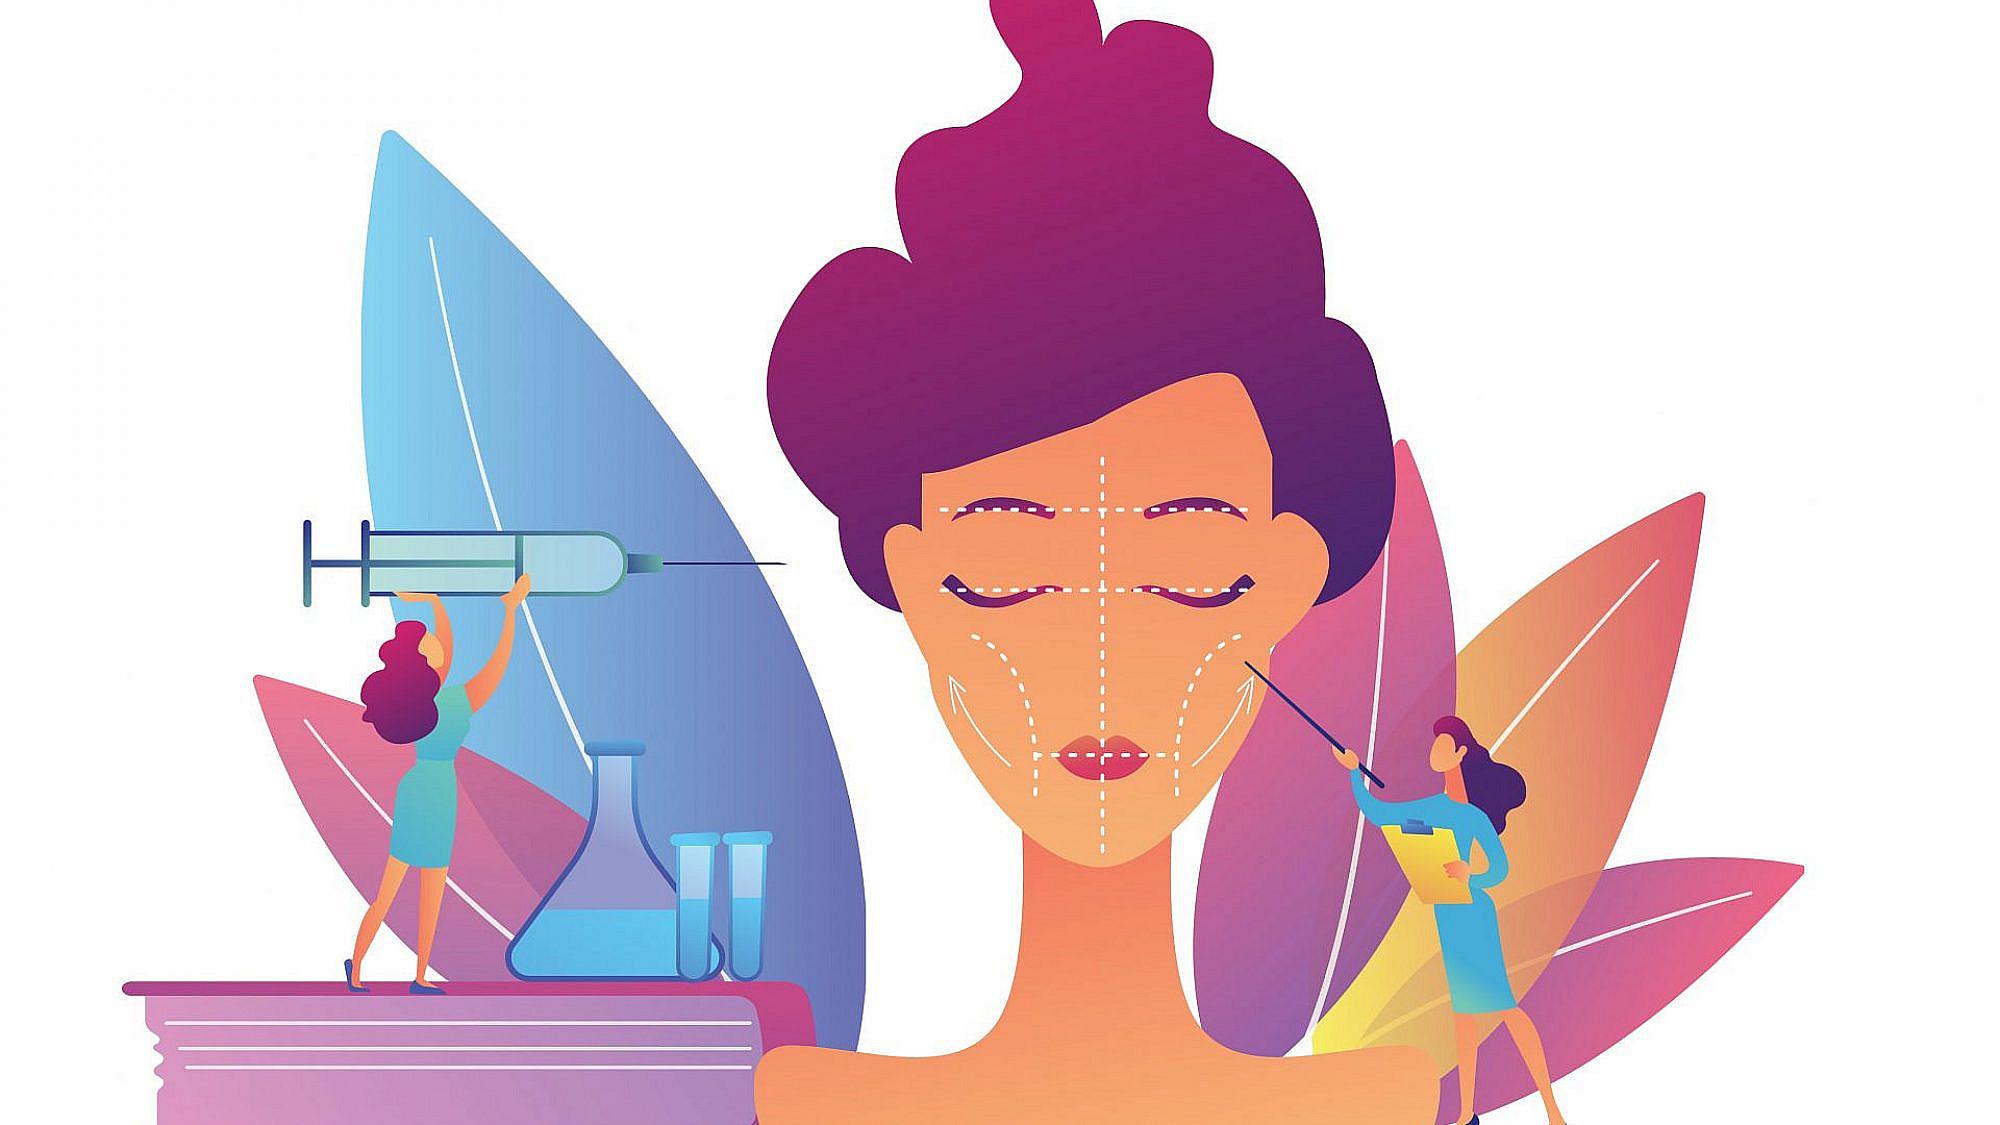 טיפולים אסתטיים לקיץ 2021 | איור: Shutterstock